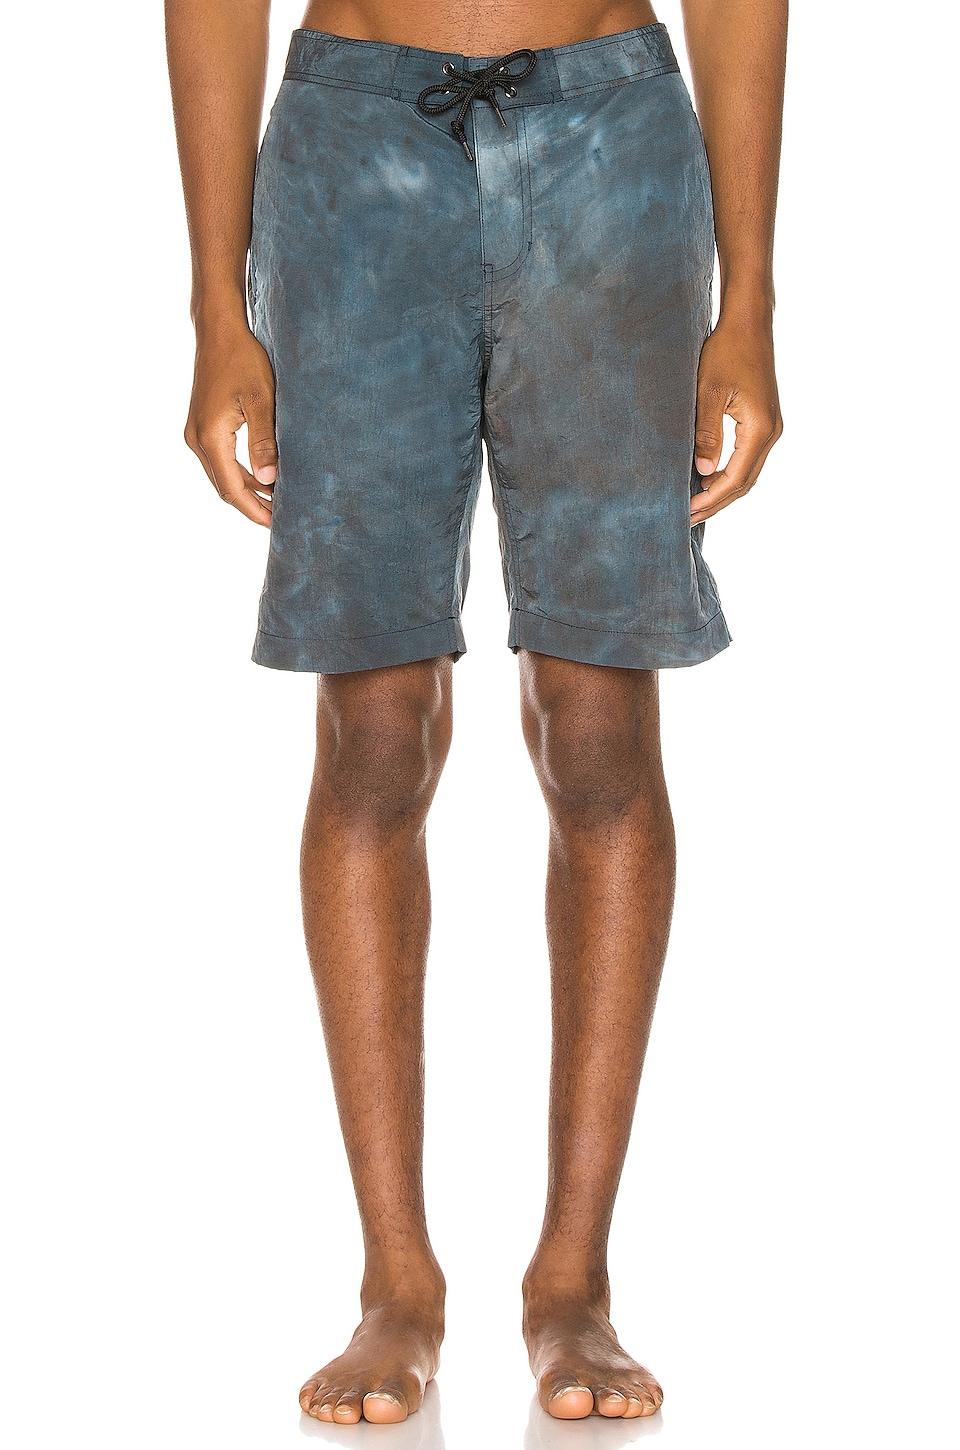 JOHN ELLIOTT Solar Board Shorts in Teal Tie Dye